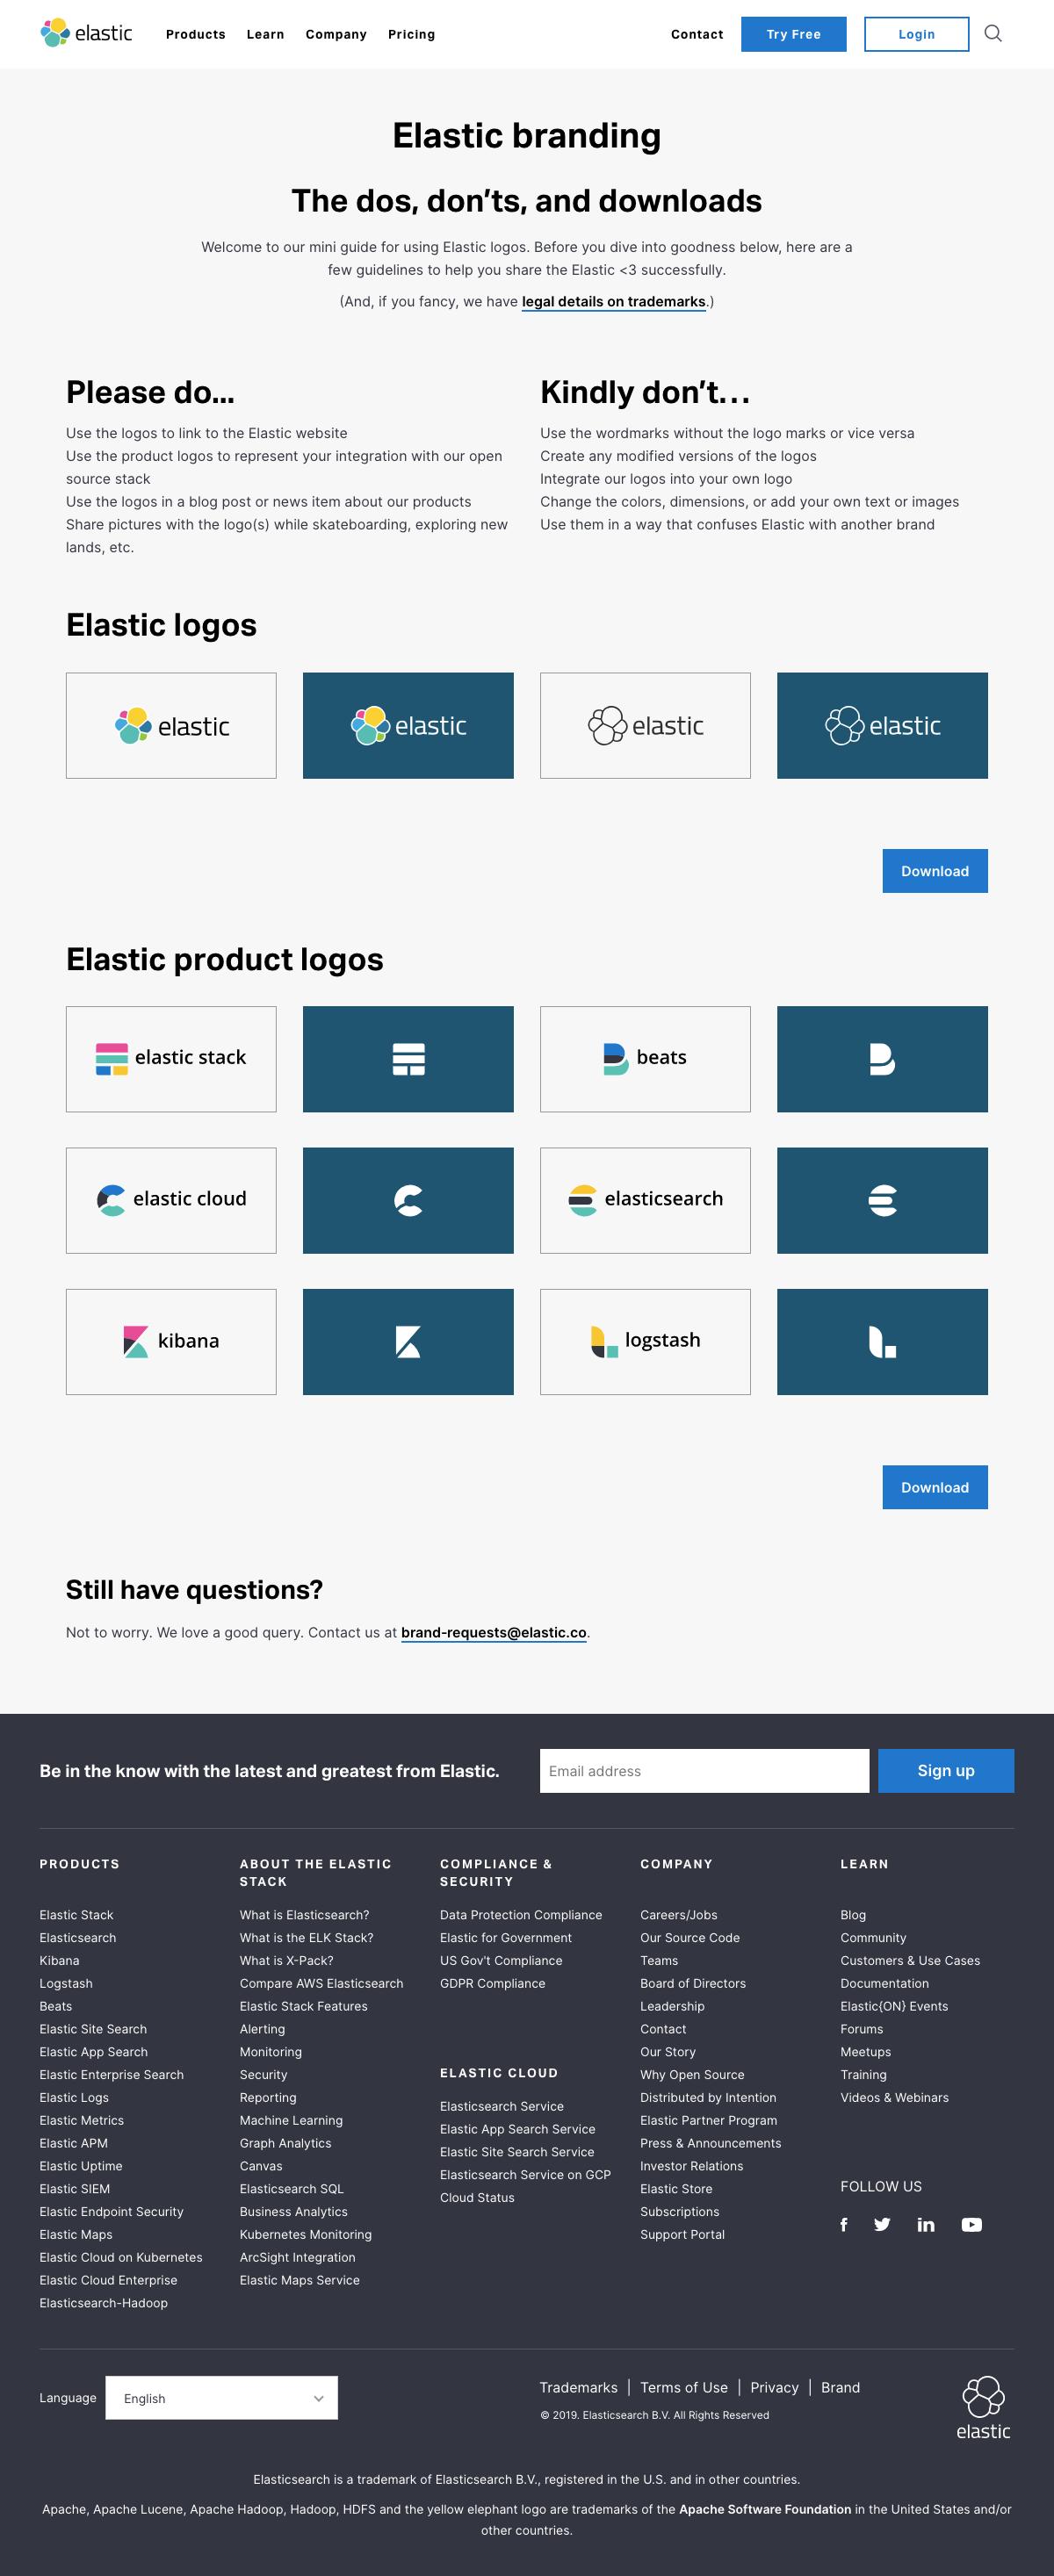 Elastic - Media kit page 2